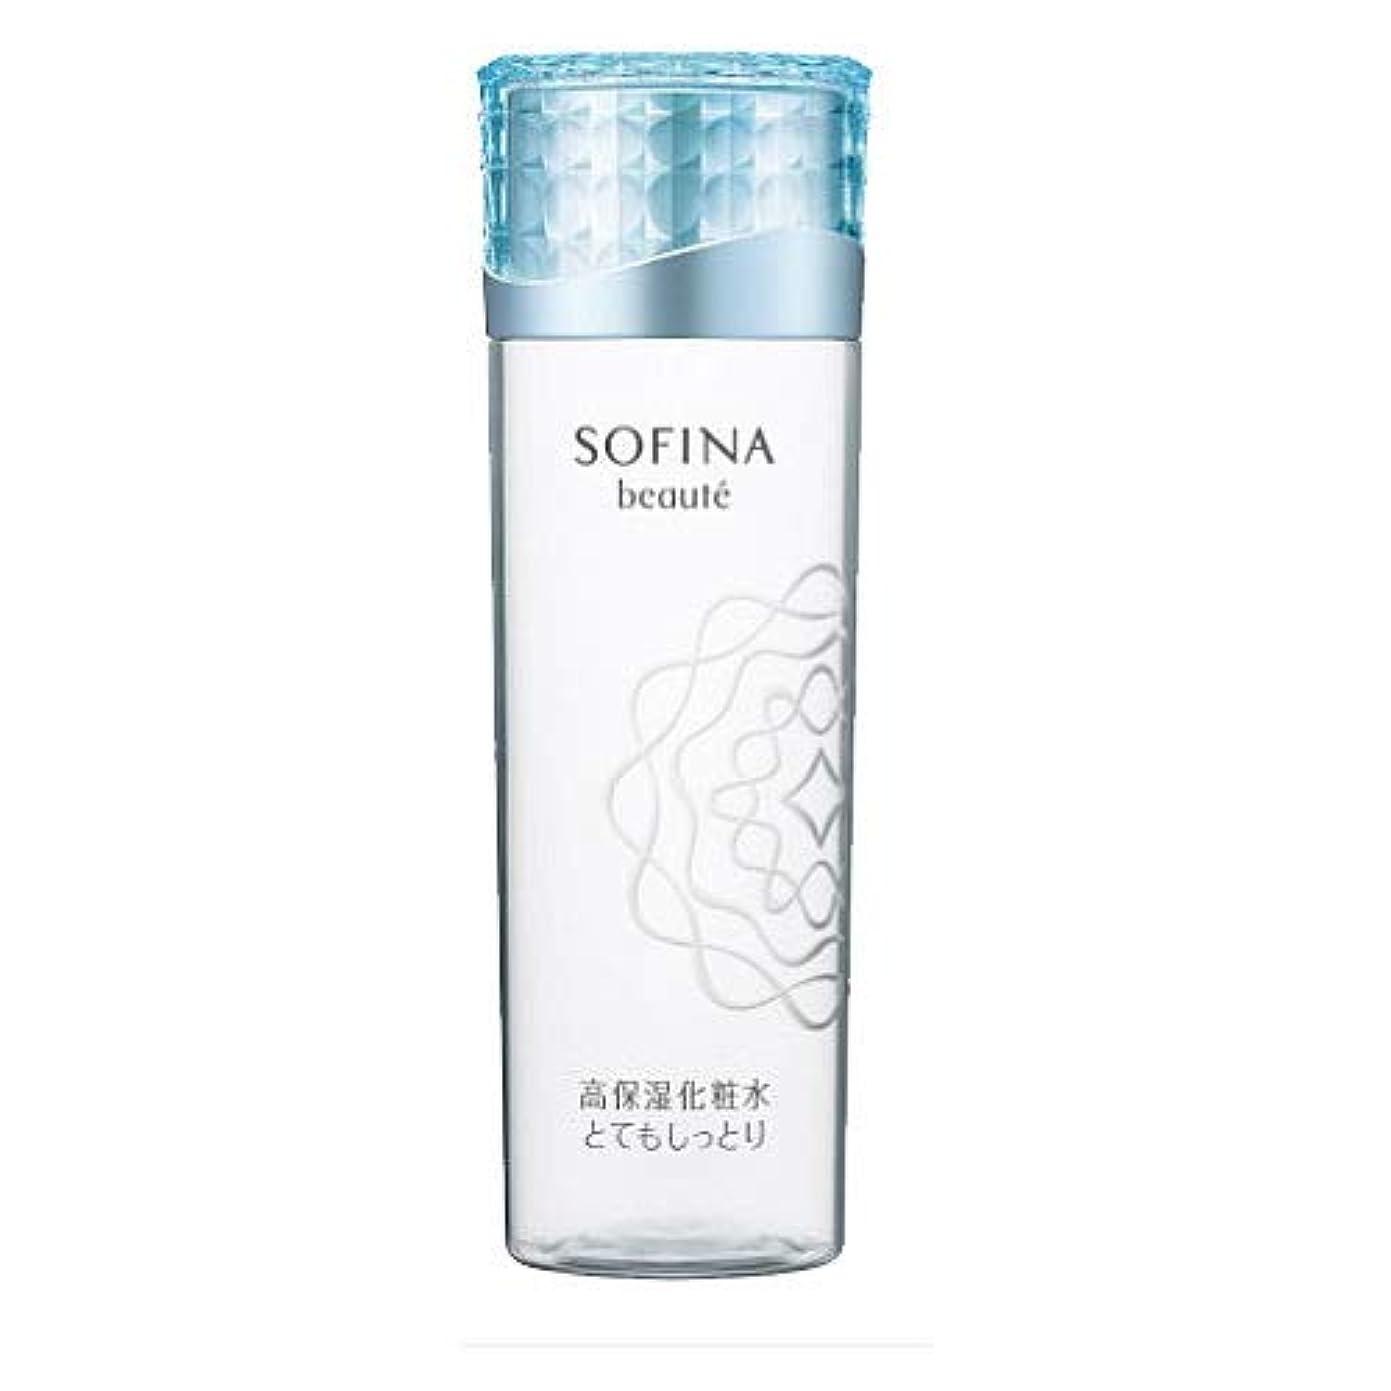 批判的インシュレータ写真を撮る花王 ソフィーナ ボーテ 高保湿化粧水 とてもしっとり 140ml [並行輸入品]